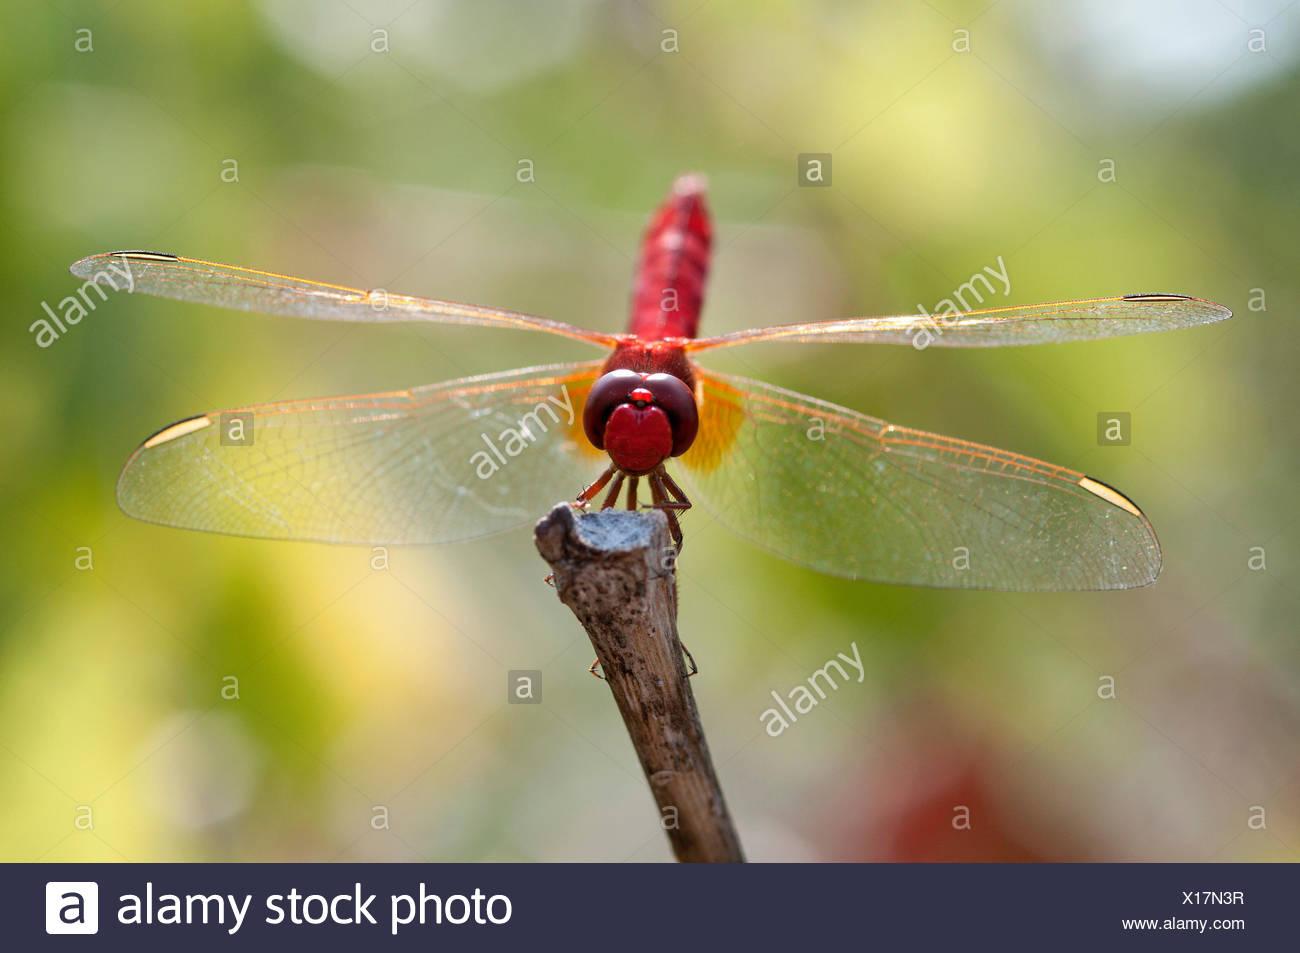 Scarlet Dragonfly, Broad Scarlet, France, Crocothemis erythraea, scarlet darter, insect, dragonfly, red, crocothemis erythraea, Stock Photo